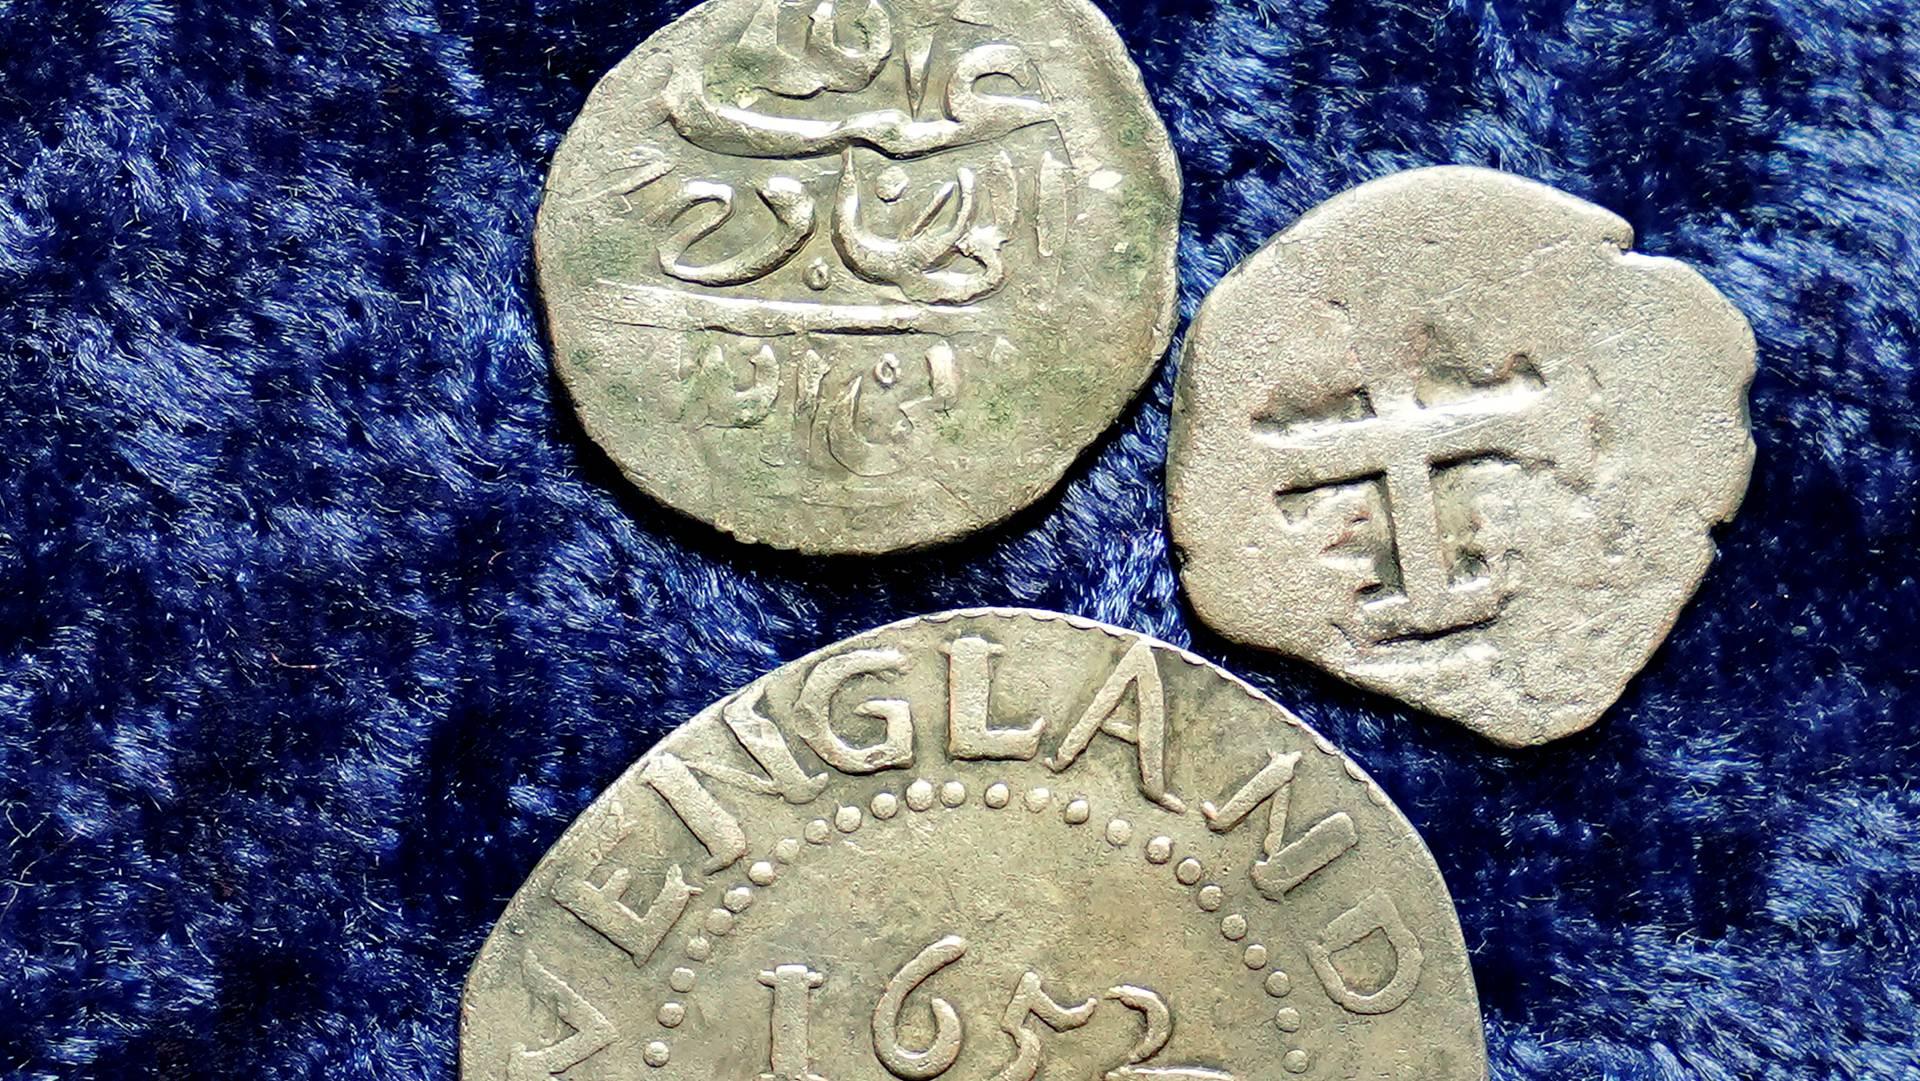 Alcuni dei reperti numismatici probabilmente legati al pirata Every: una moneta yemenita in argento, uno spicciolo spagnolo in rame e un gettone del New England